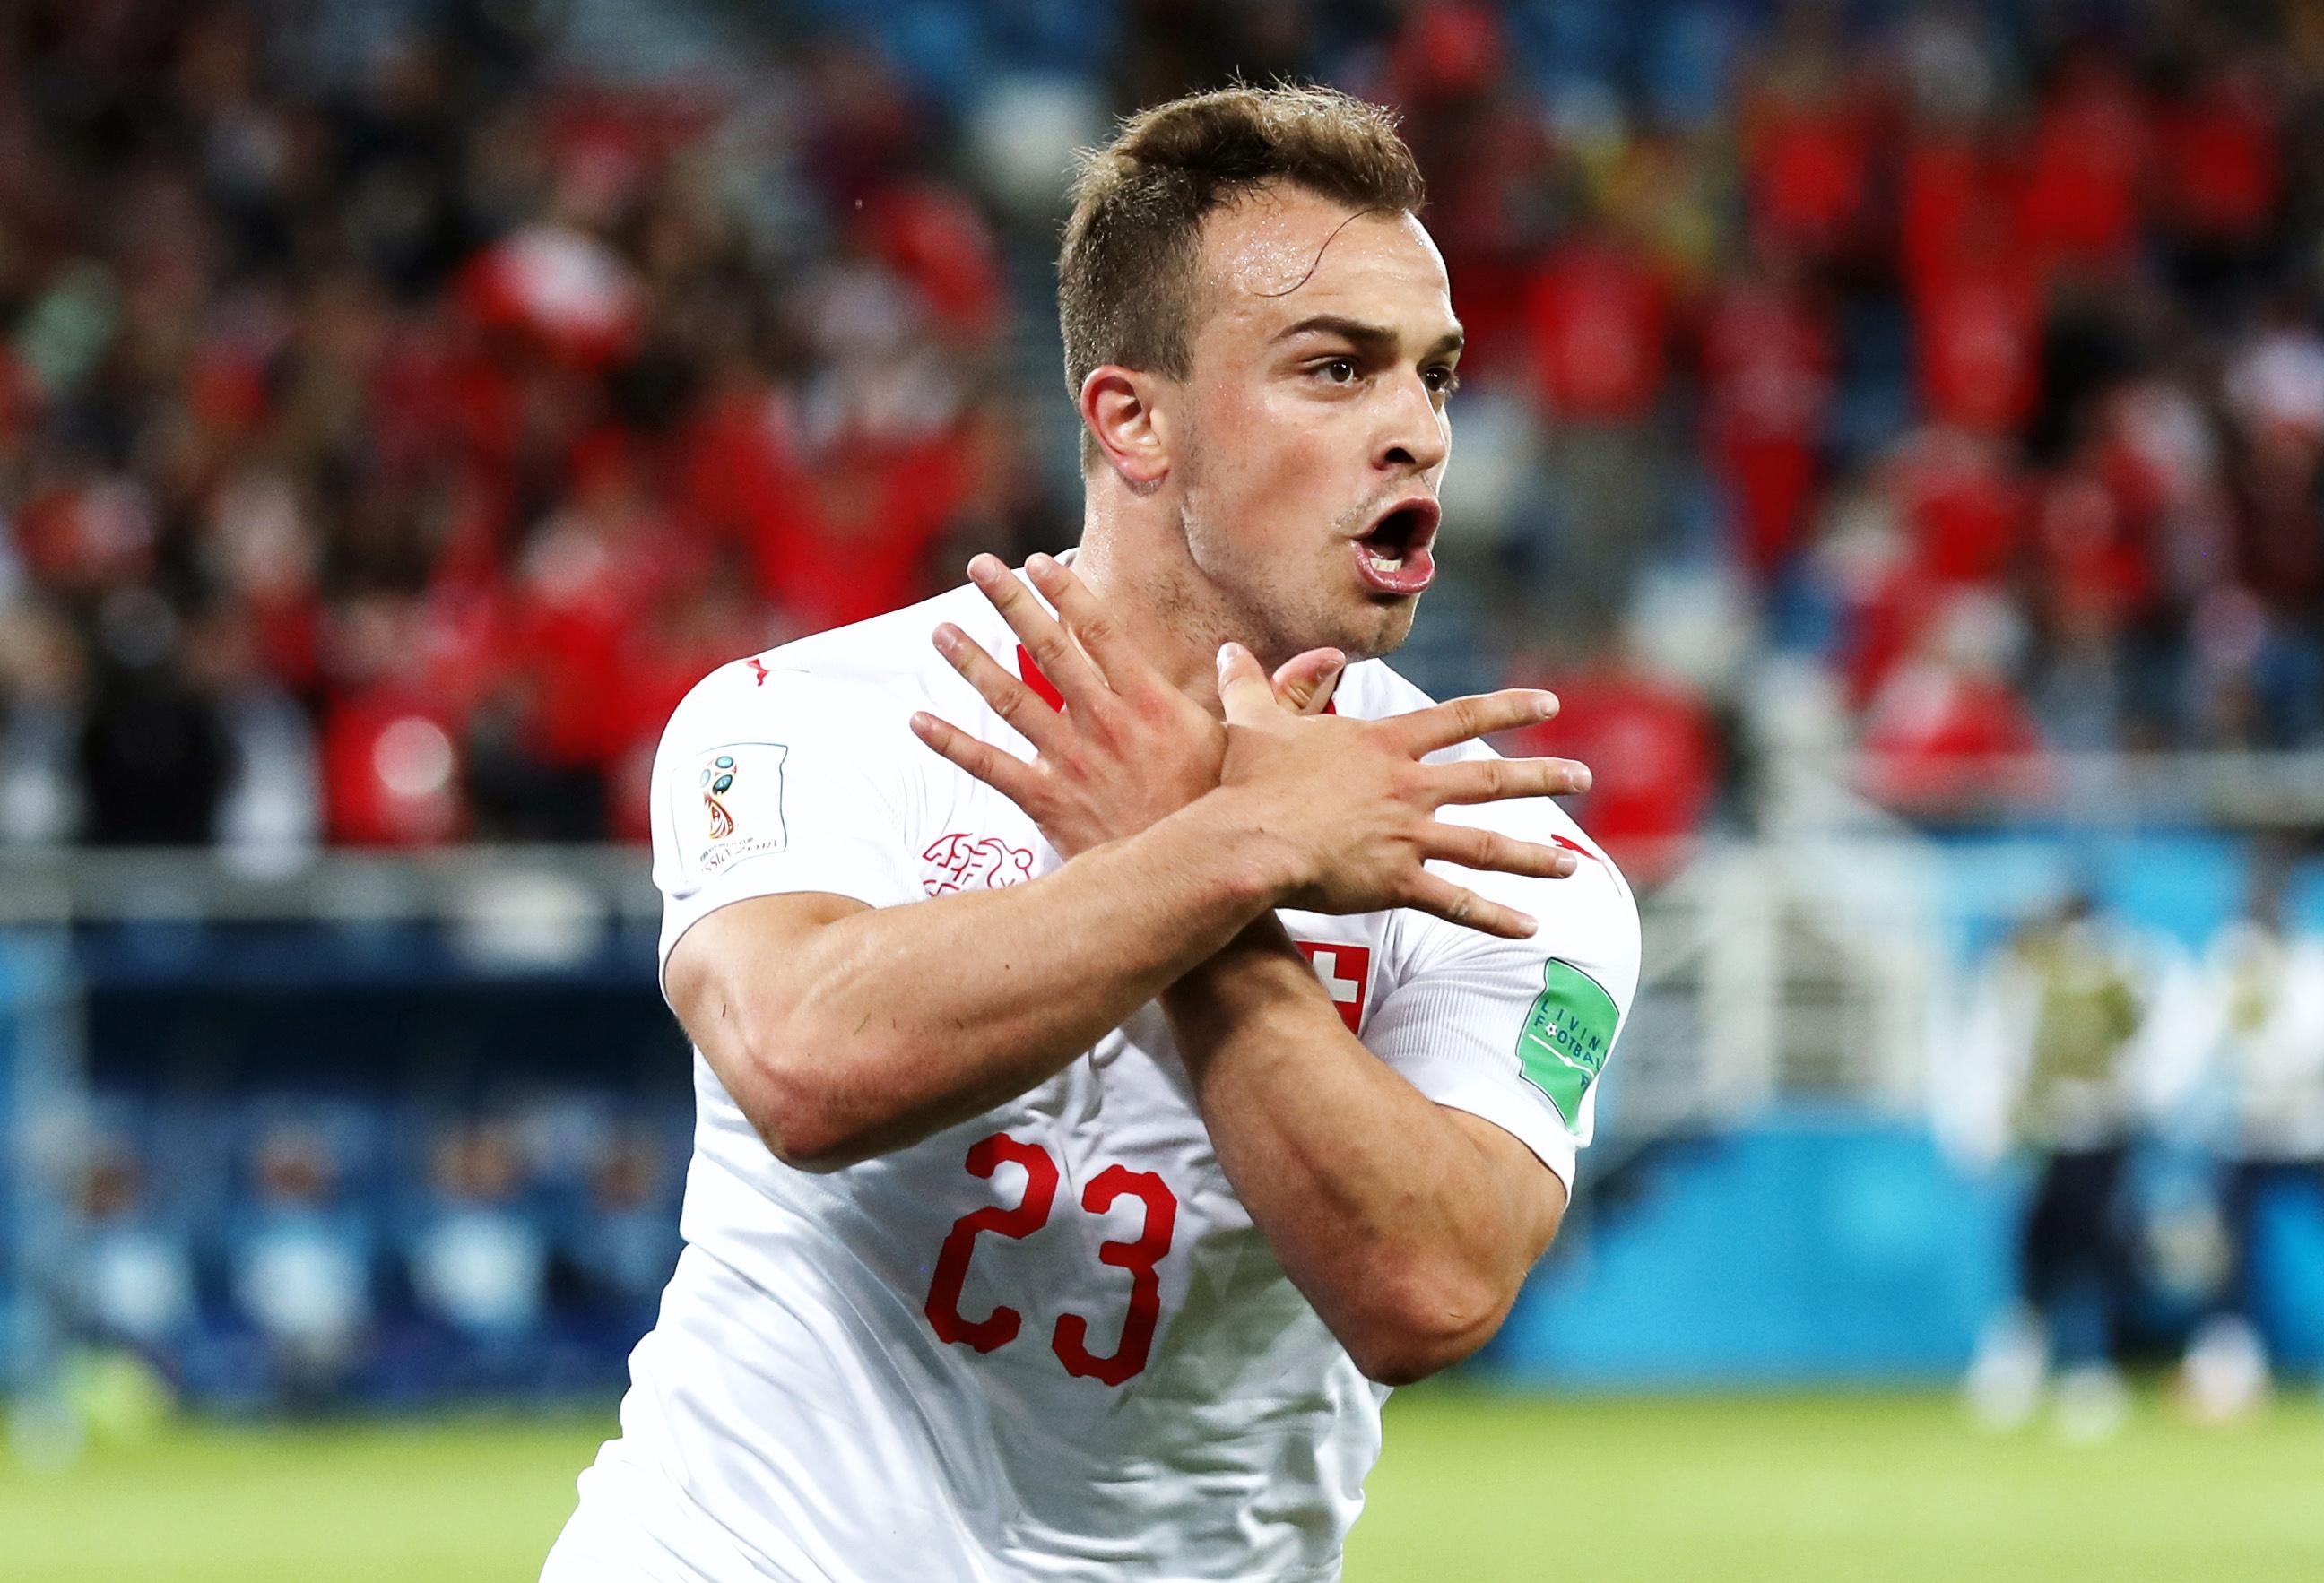 Швейцарец Шердан Шакири отмечает гол, показывая напальцах албанского орла. Этот жест отсылает кфлагу Албании: Шакири родился всемье косовских албанцев итакже имеет гражданство этой страны. Поведение футболиста вызвало недовольство сербов.